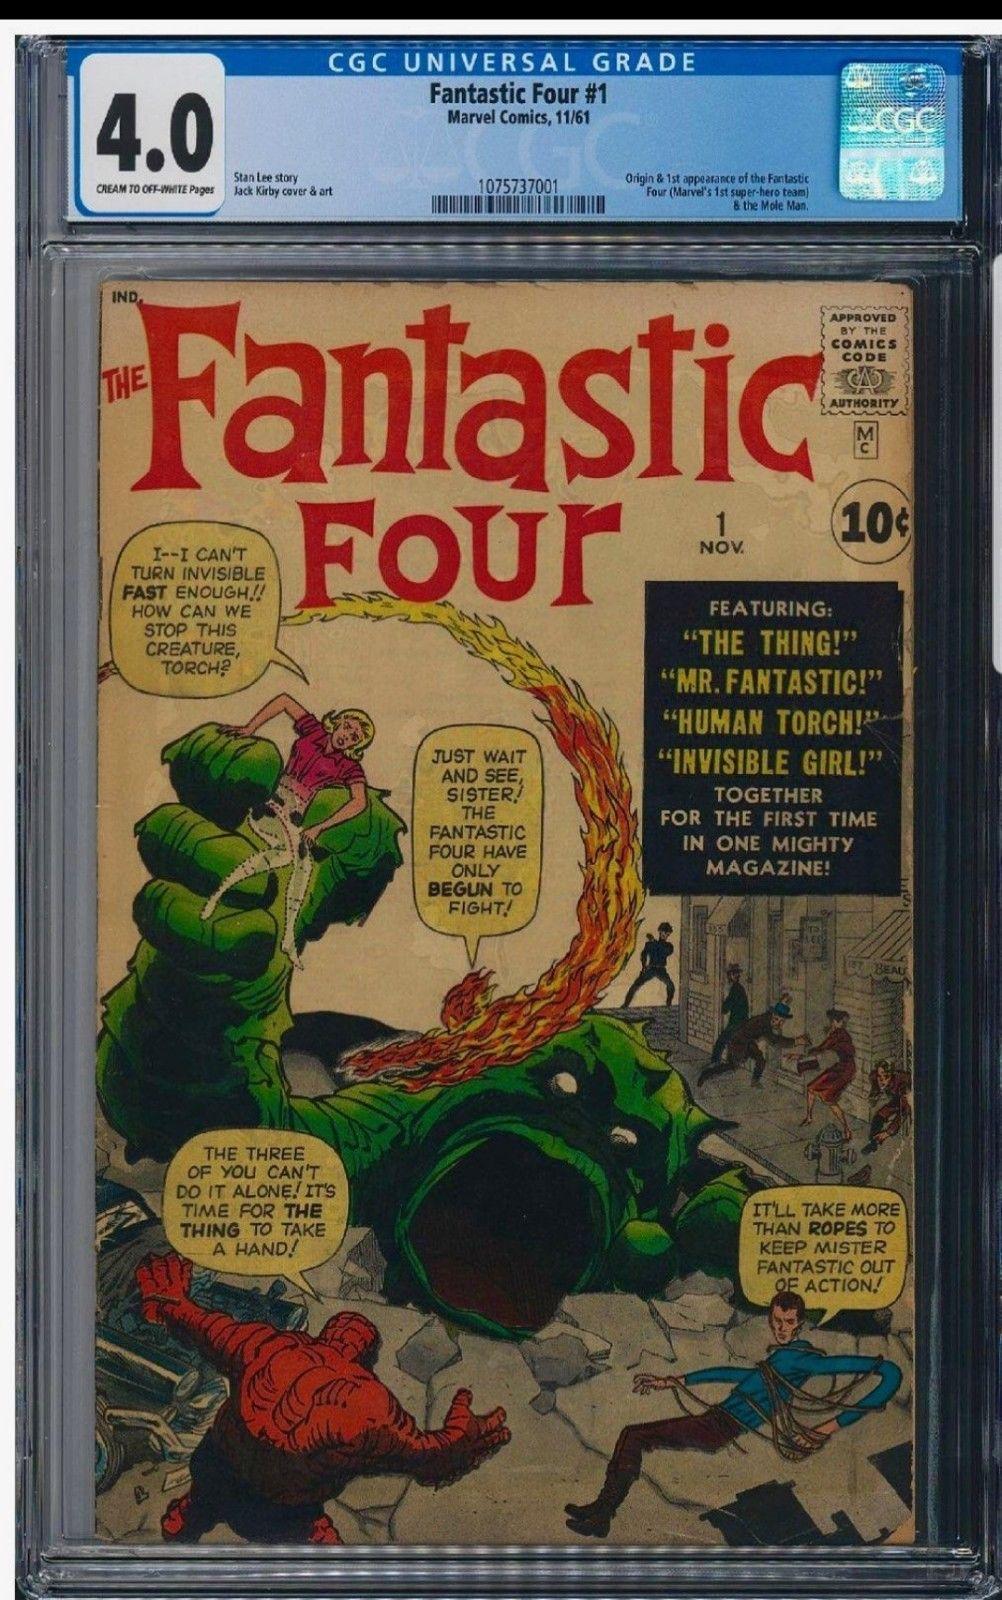 Fantastic Four #1 Cgc 4.0 Universal